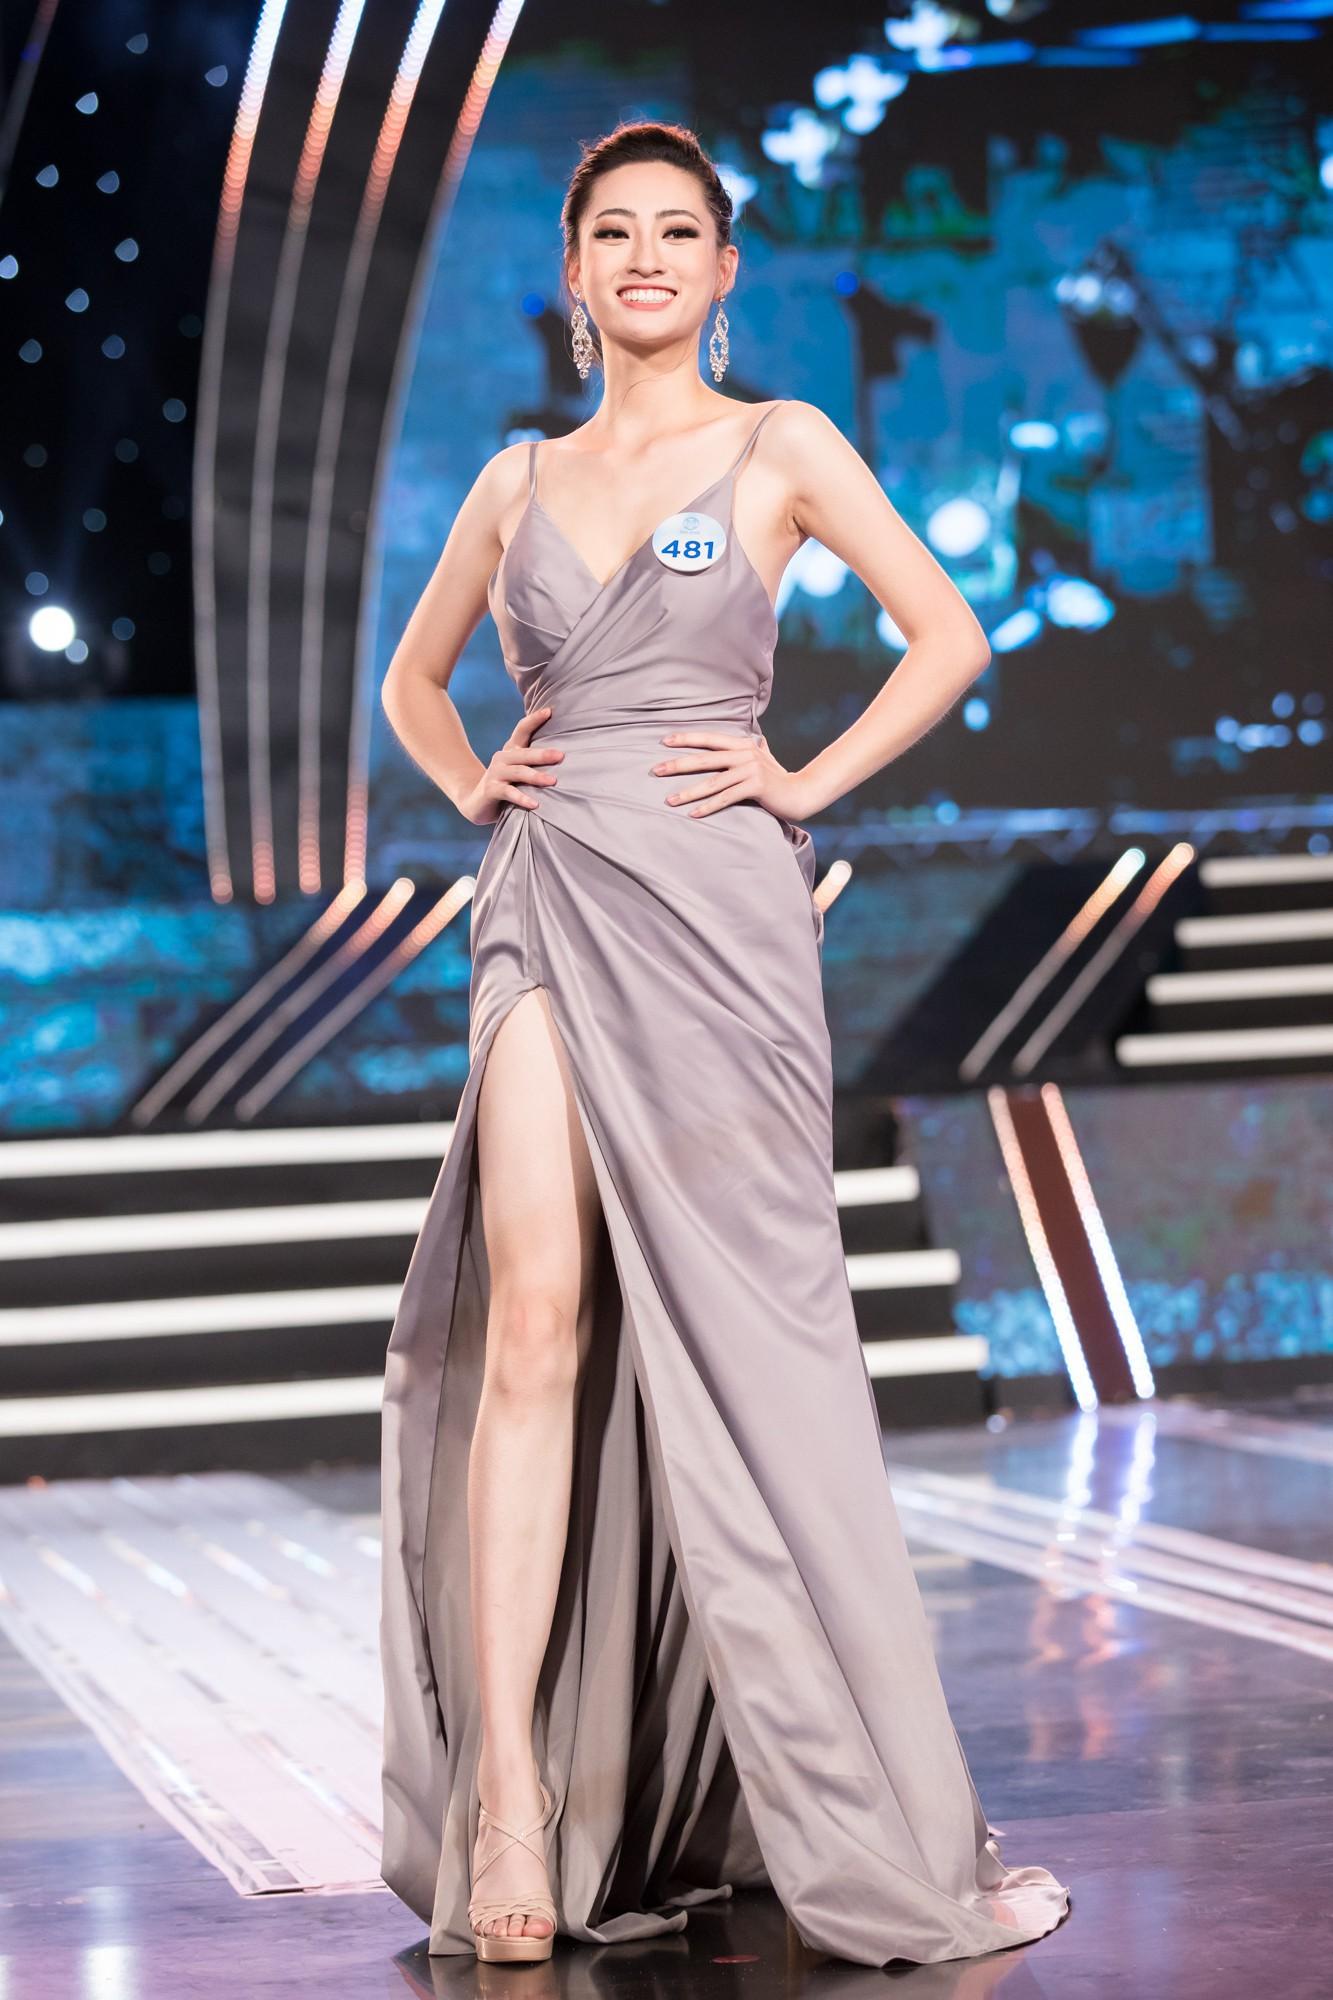 Nữ sinh Ngoại thương là ứng viên nặng ký của vương miện Hoa hậu thế giới Việt Nam 2019: IELTS 7.5, thành viên đội tuyển HSG Quốc gia tiếng Anh-3